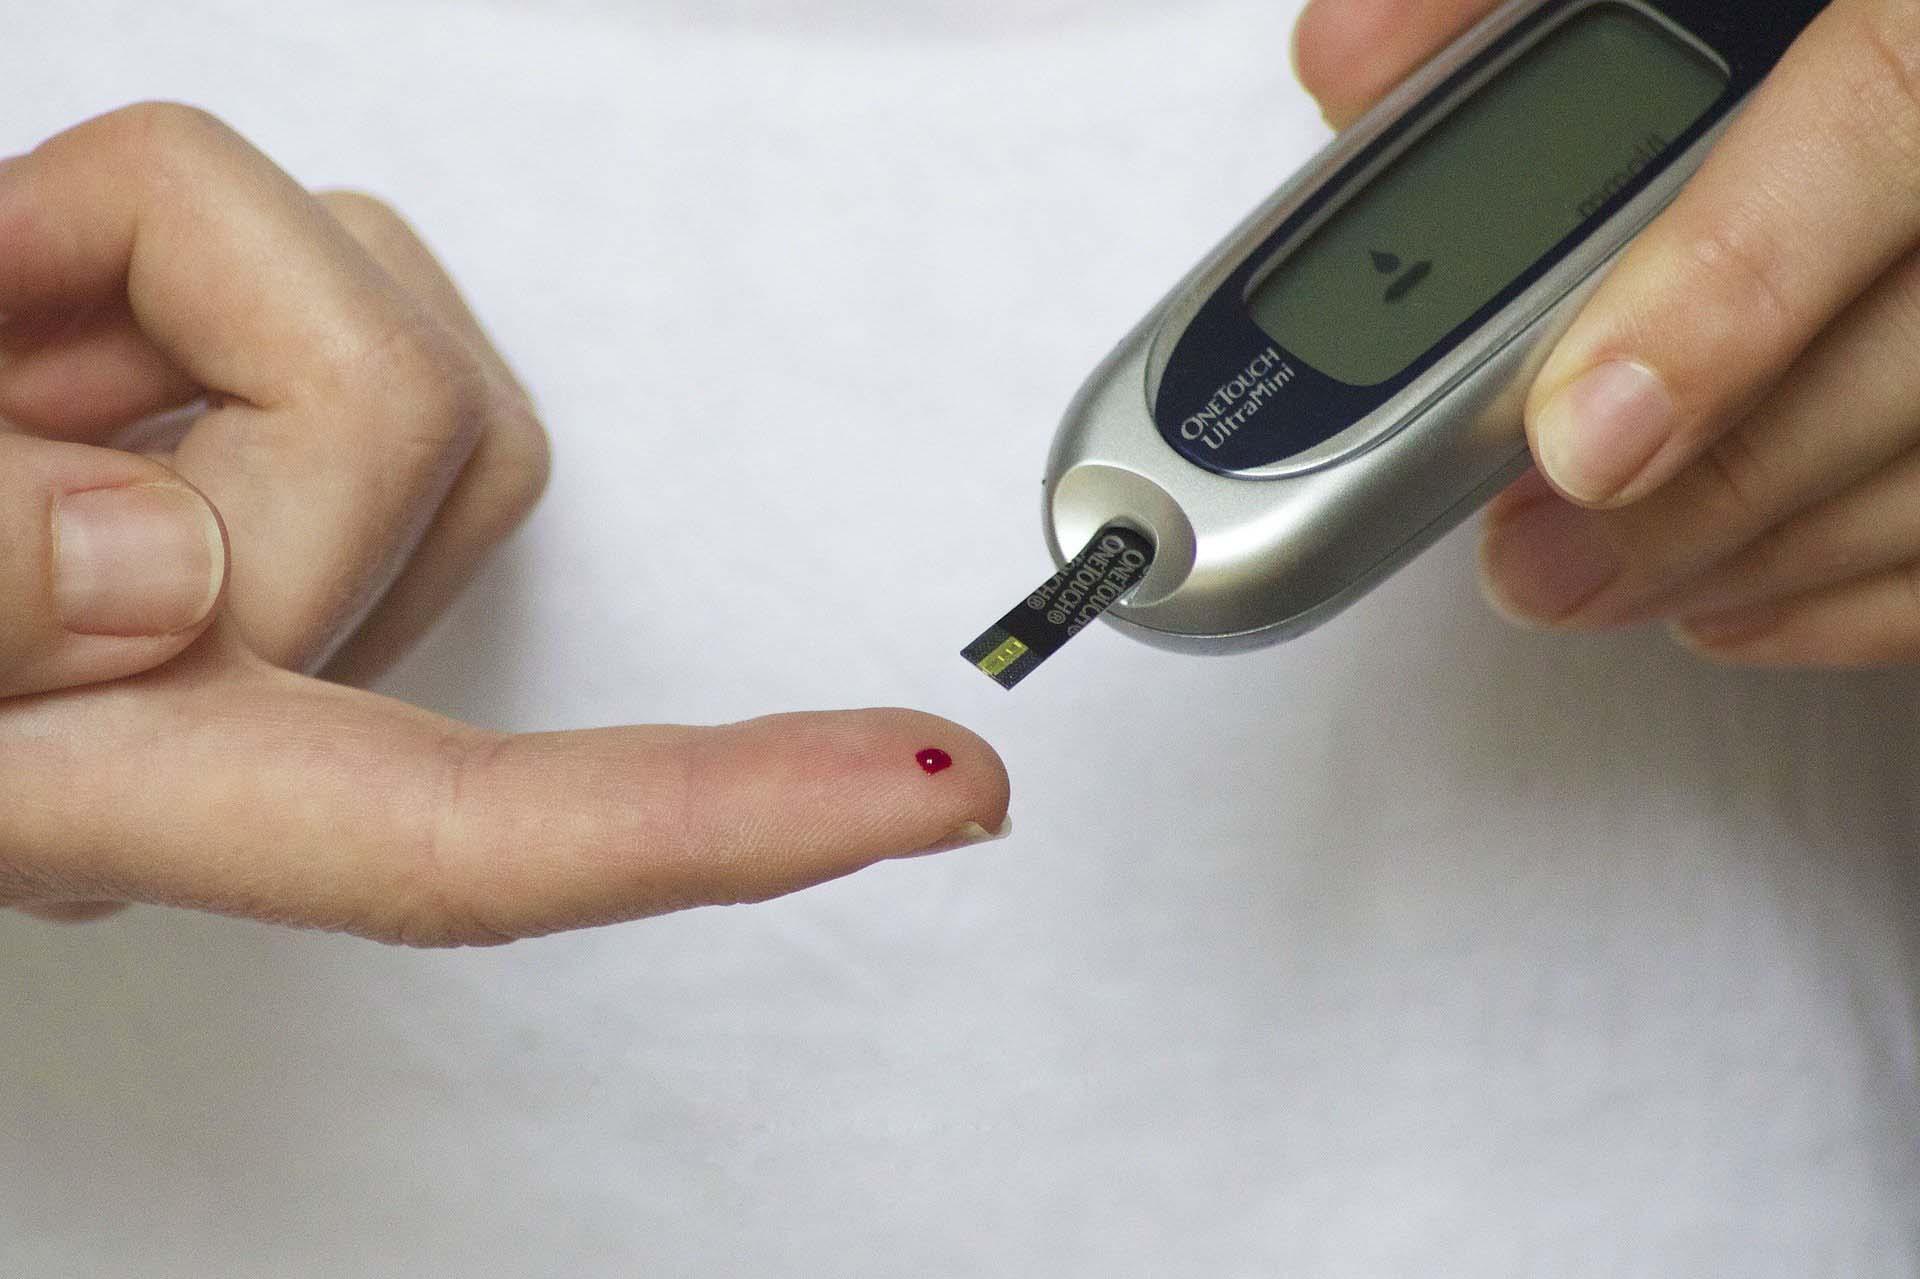 misurare la glicemia